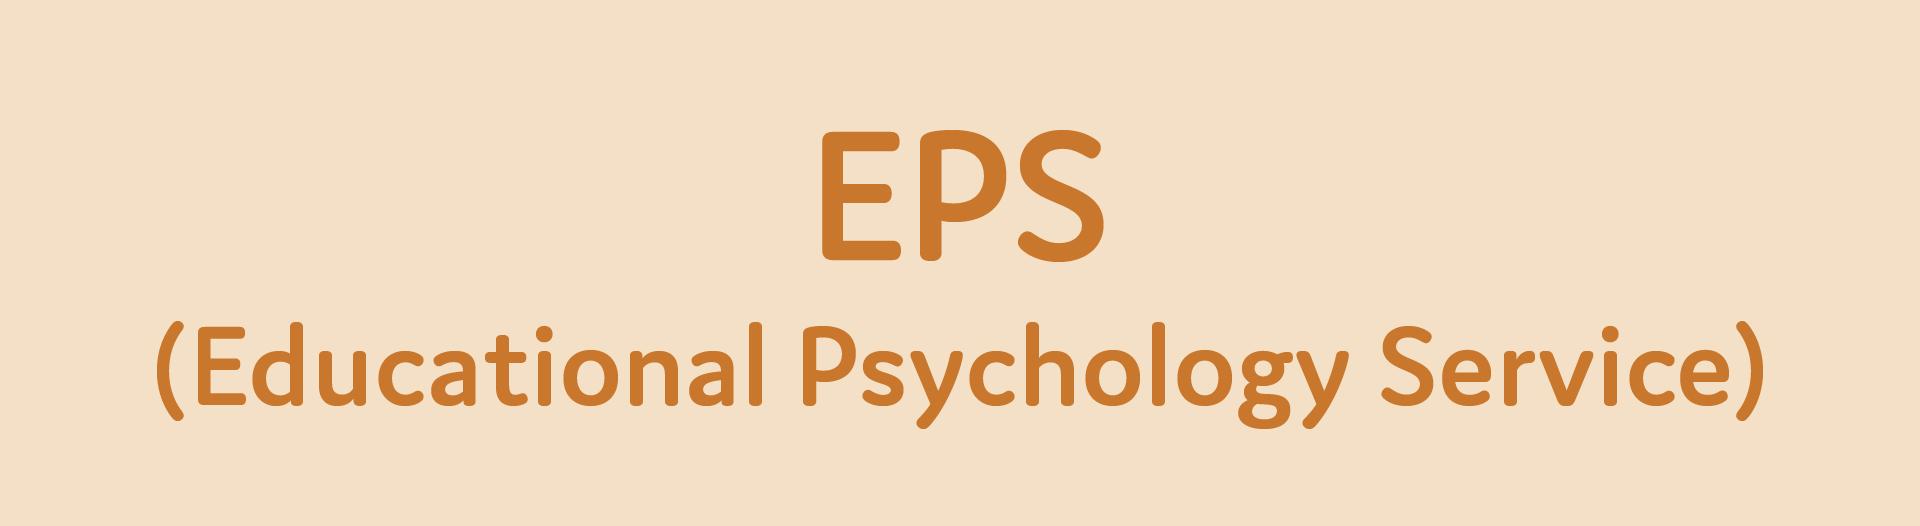 EPS-01